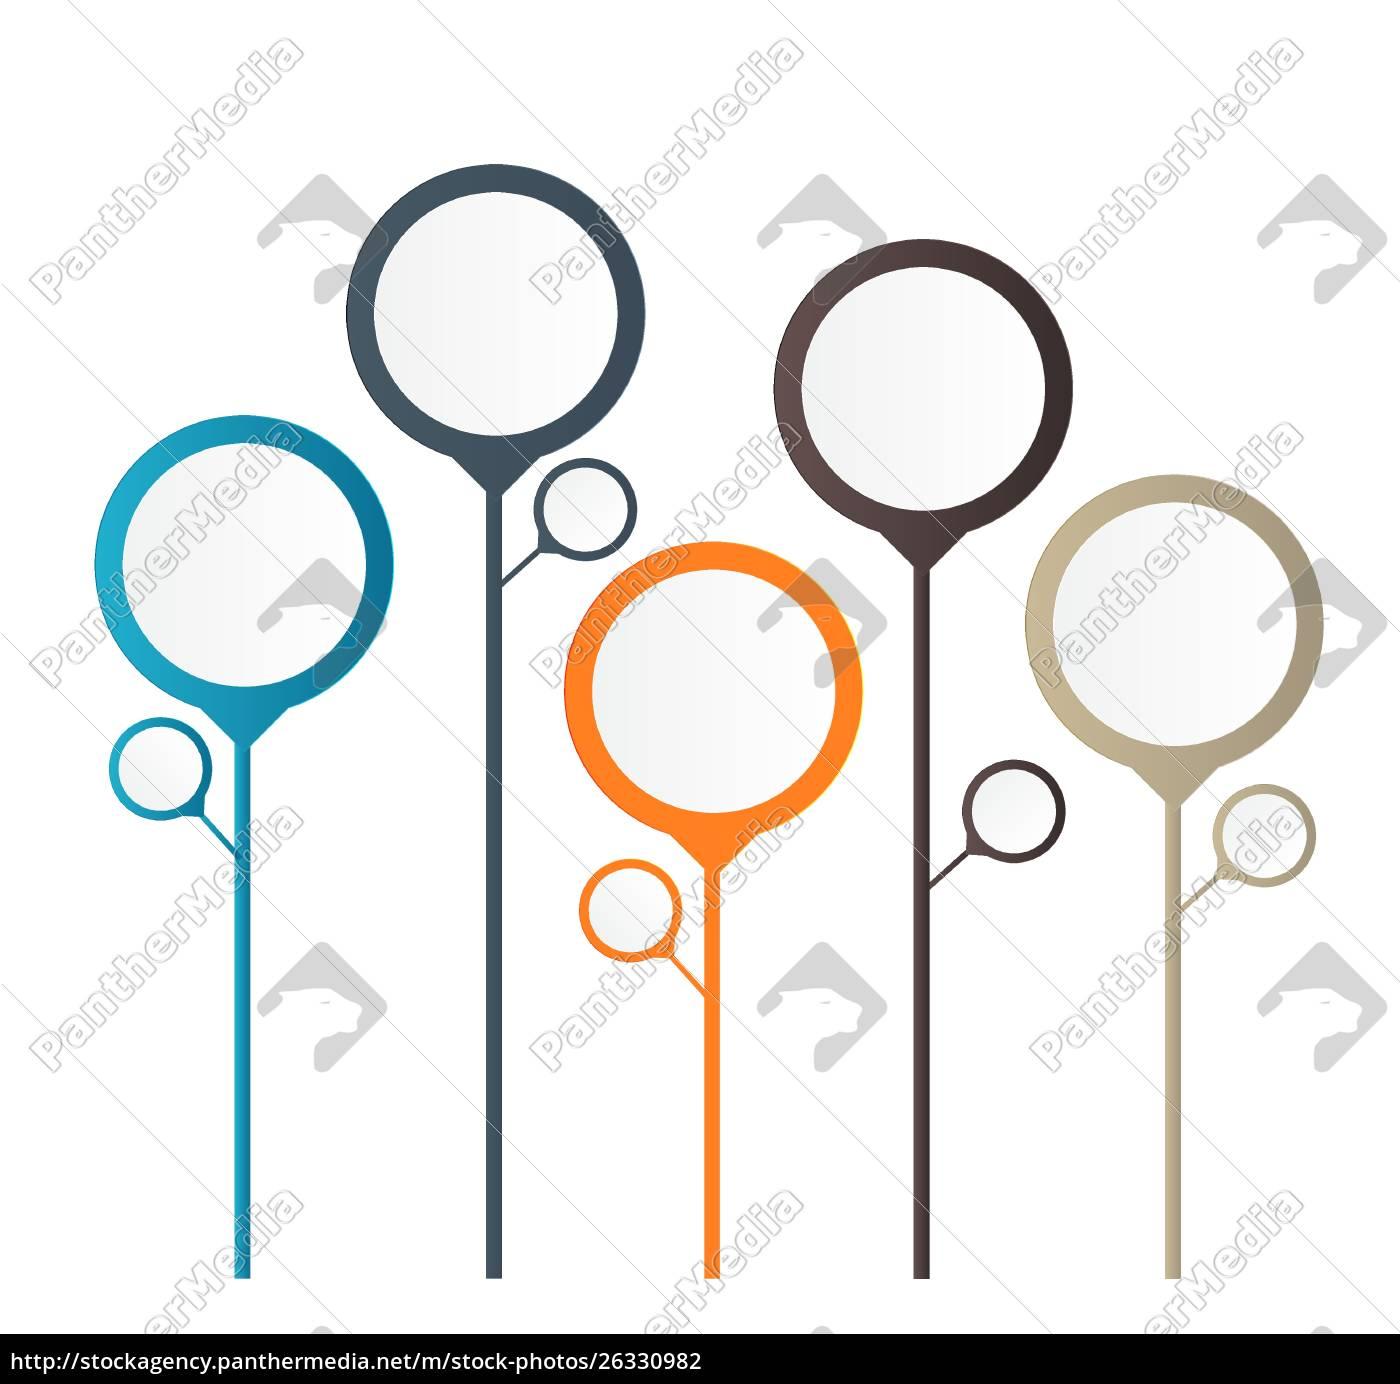 infografiki, design, elements, dla, twojej, firmy - 26330982